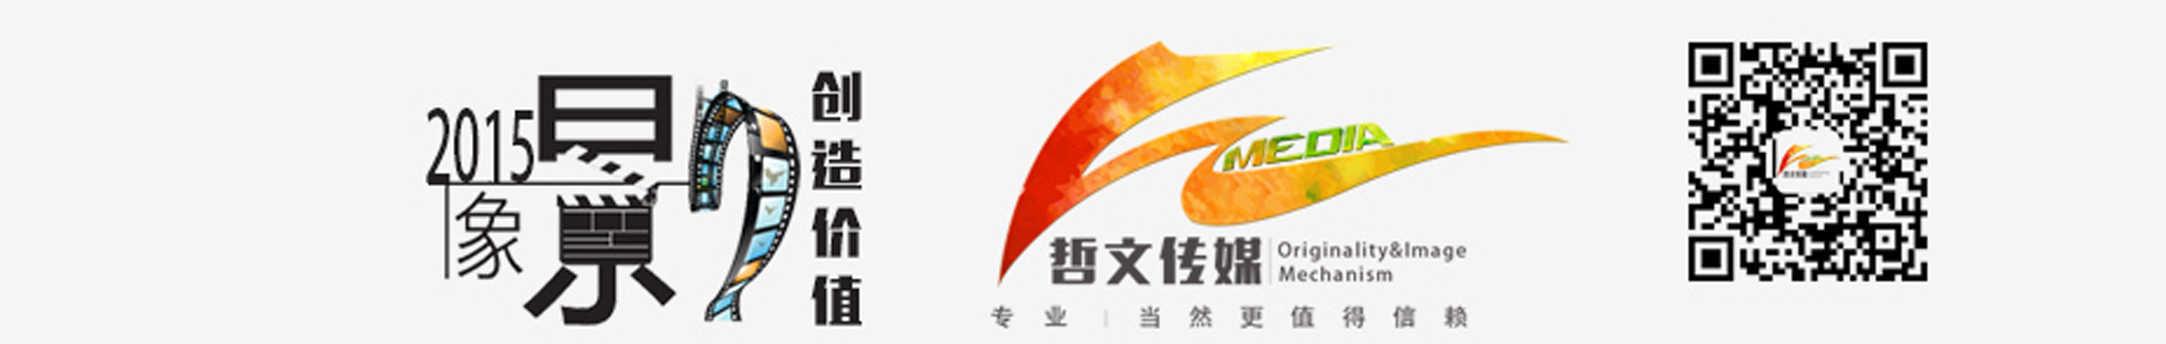 哲文影像 banner